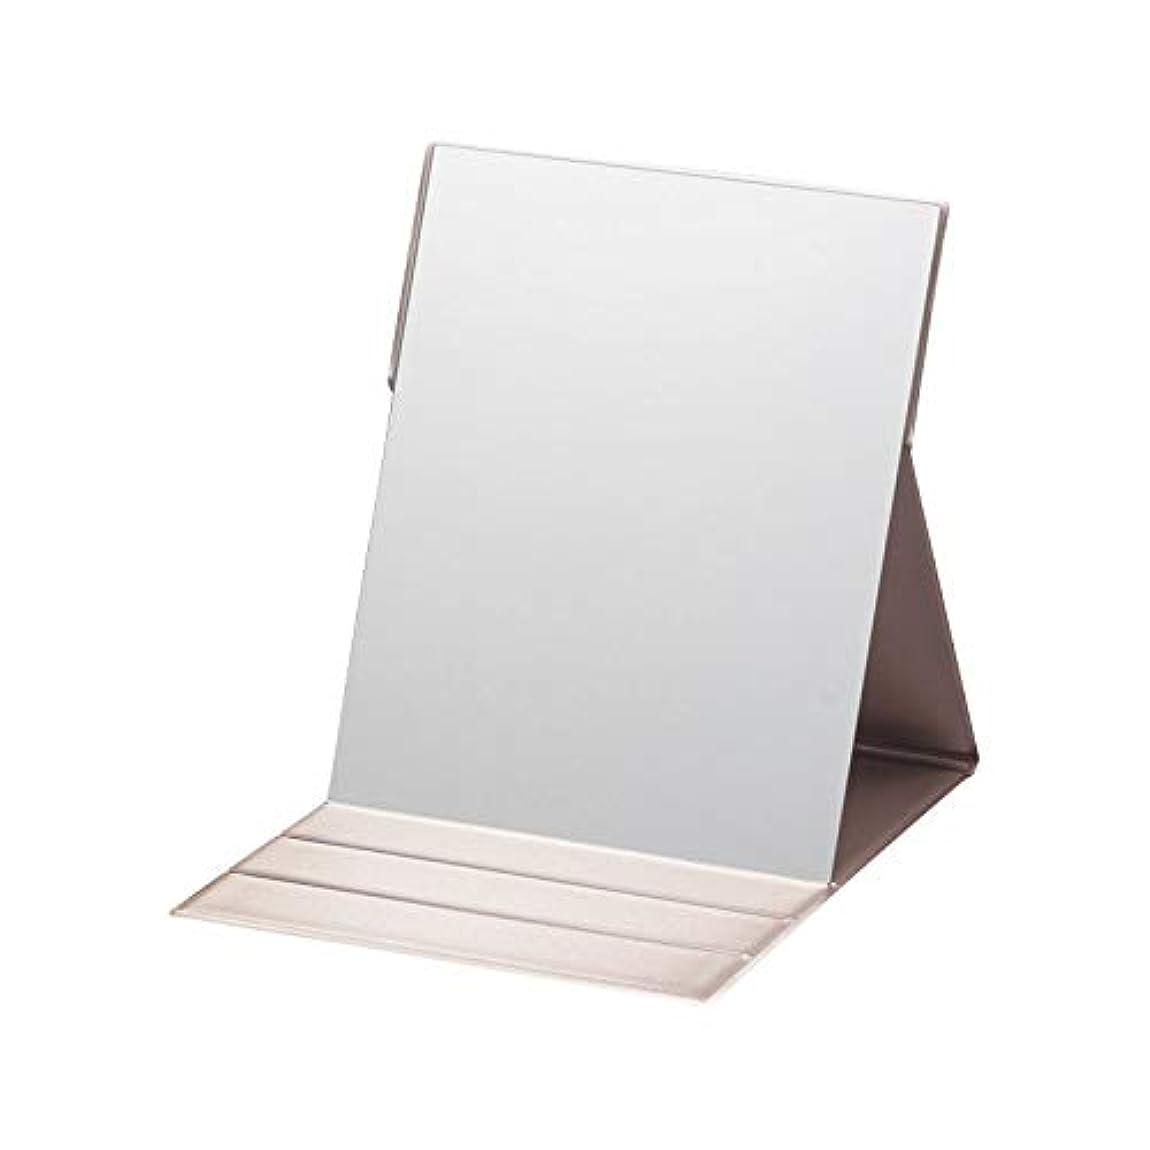 ブランド名台無しにインクプロモデル折立ナピュアミラー L 【折りたたみ コンパクト 化粧 けしょう 持ち運び 折立ミラー 鏡】